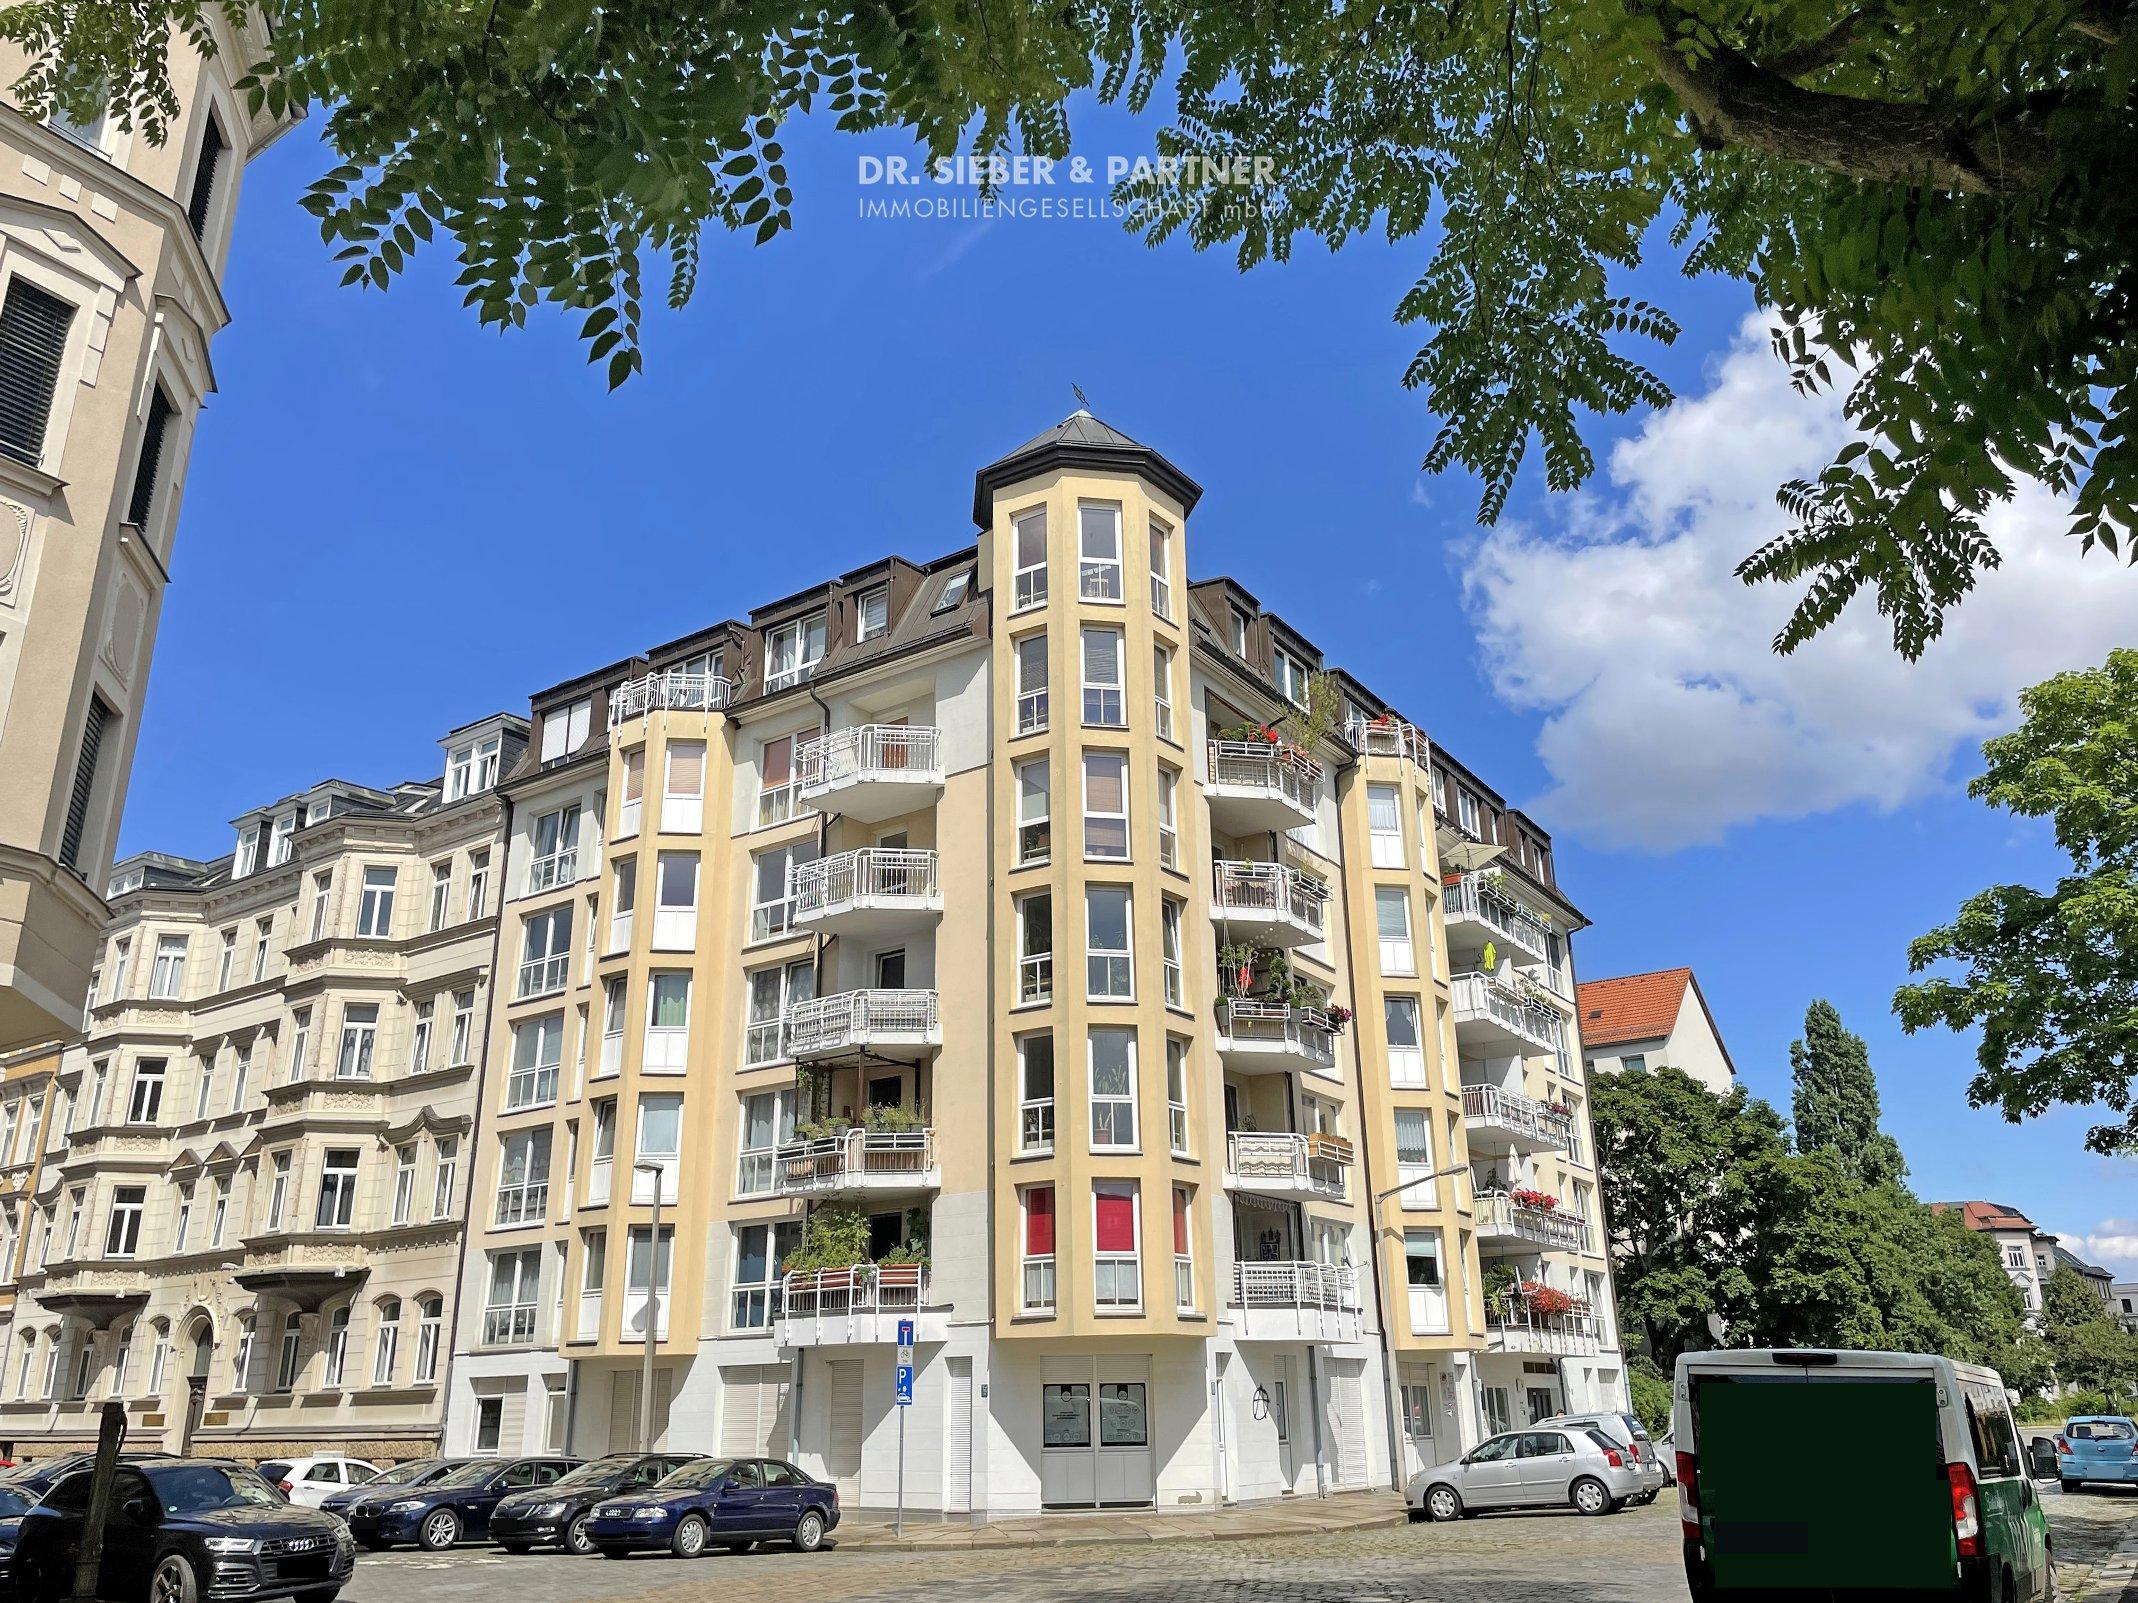 Leipzig - VERKAUFT * In die City 5 Minuten mit dem Rad * Moderne 2-RW mit Balkon und Einbauküche * TG-Stellplatz